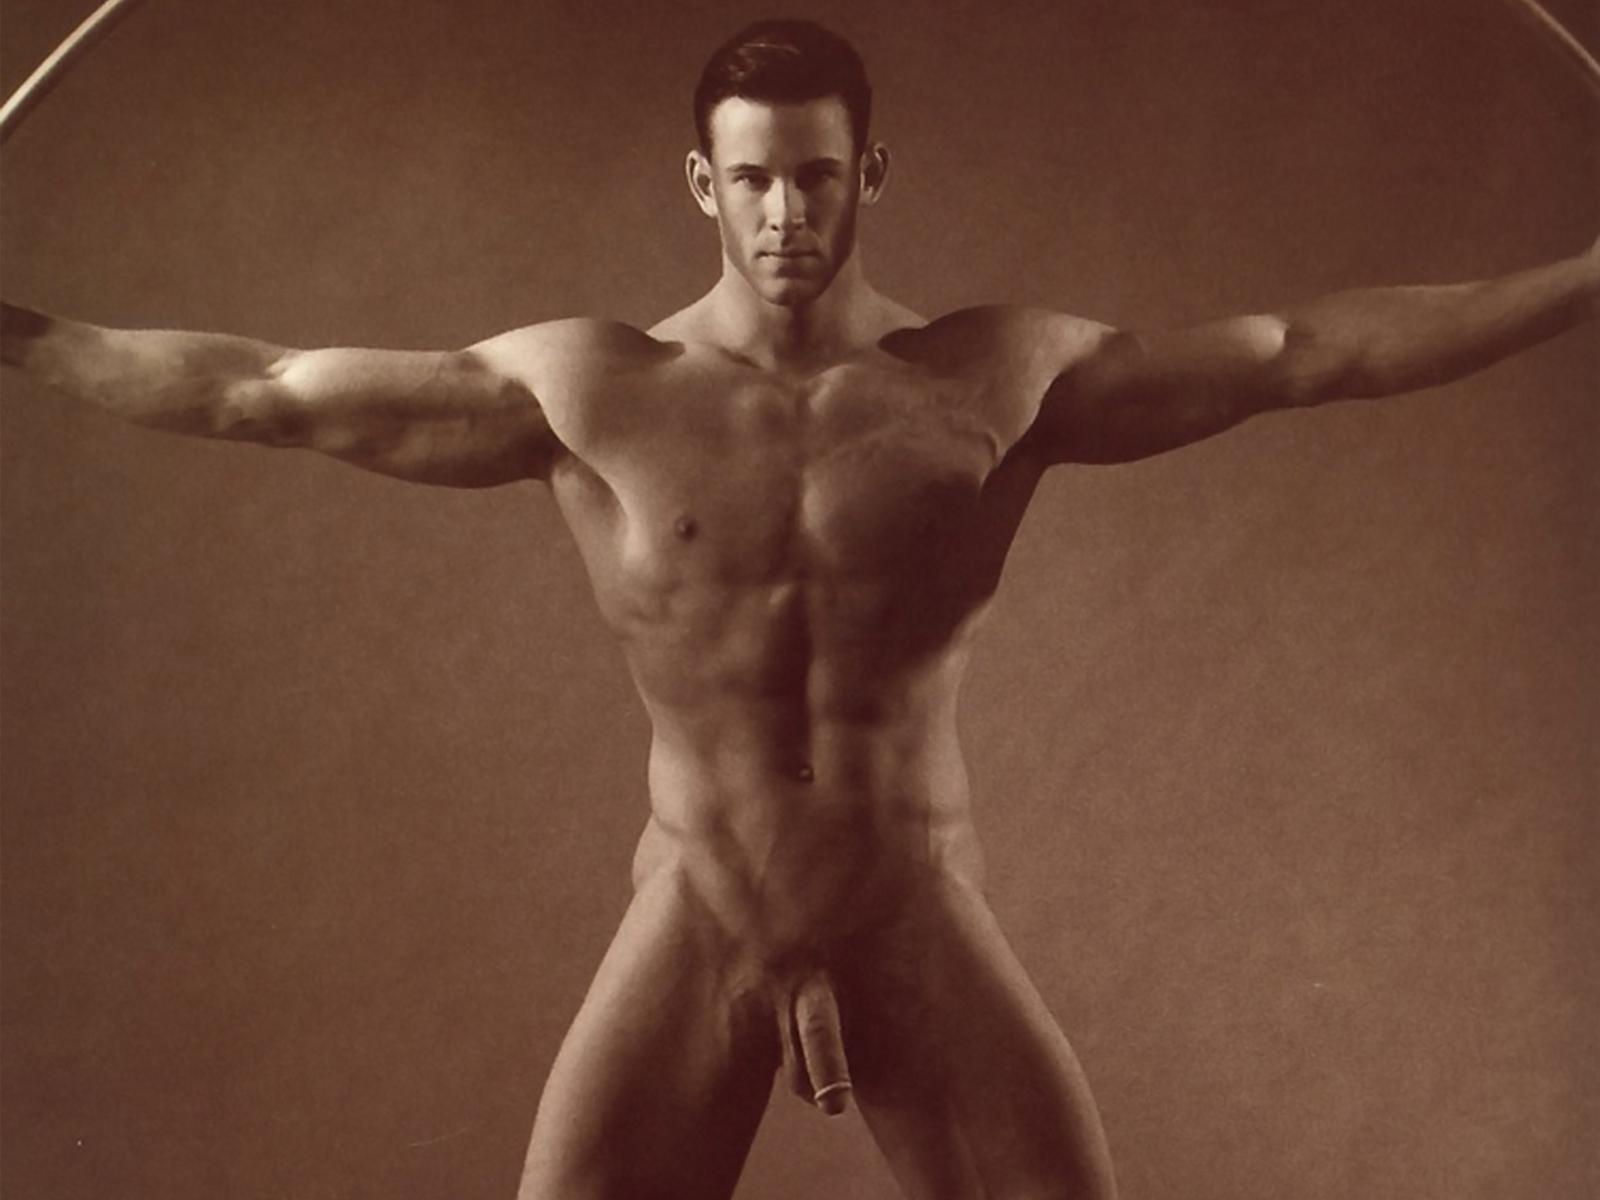 Фото красивых голых мужчин фото, Голые мужчины фото - обнаженные парни 9 фотография